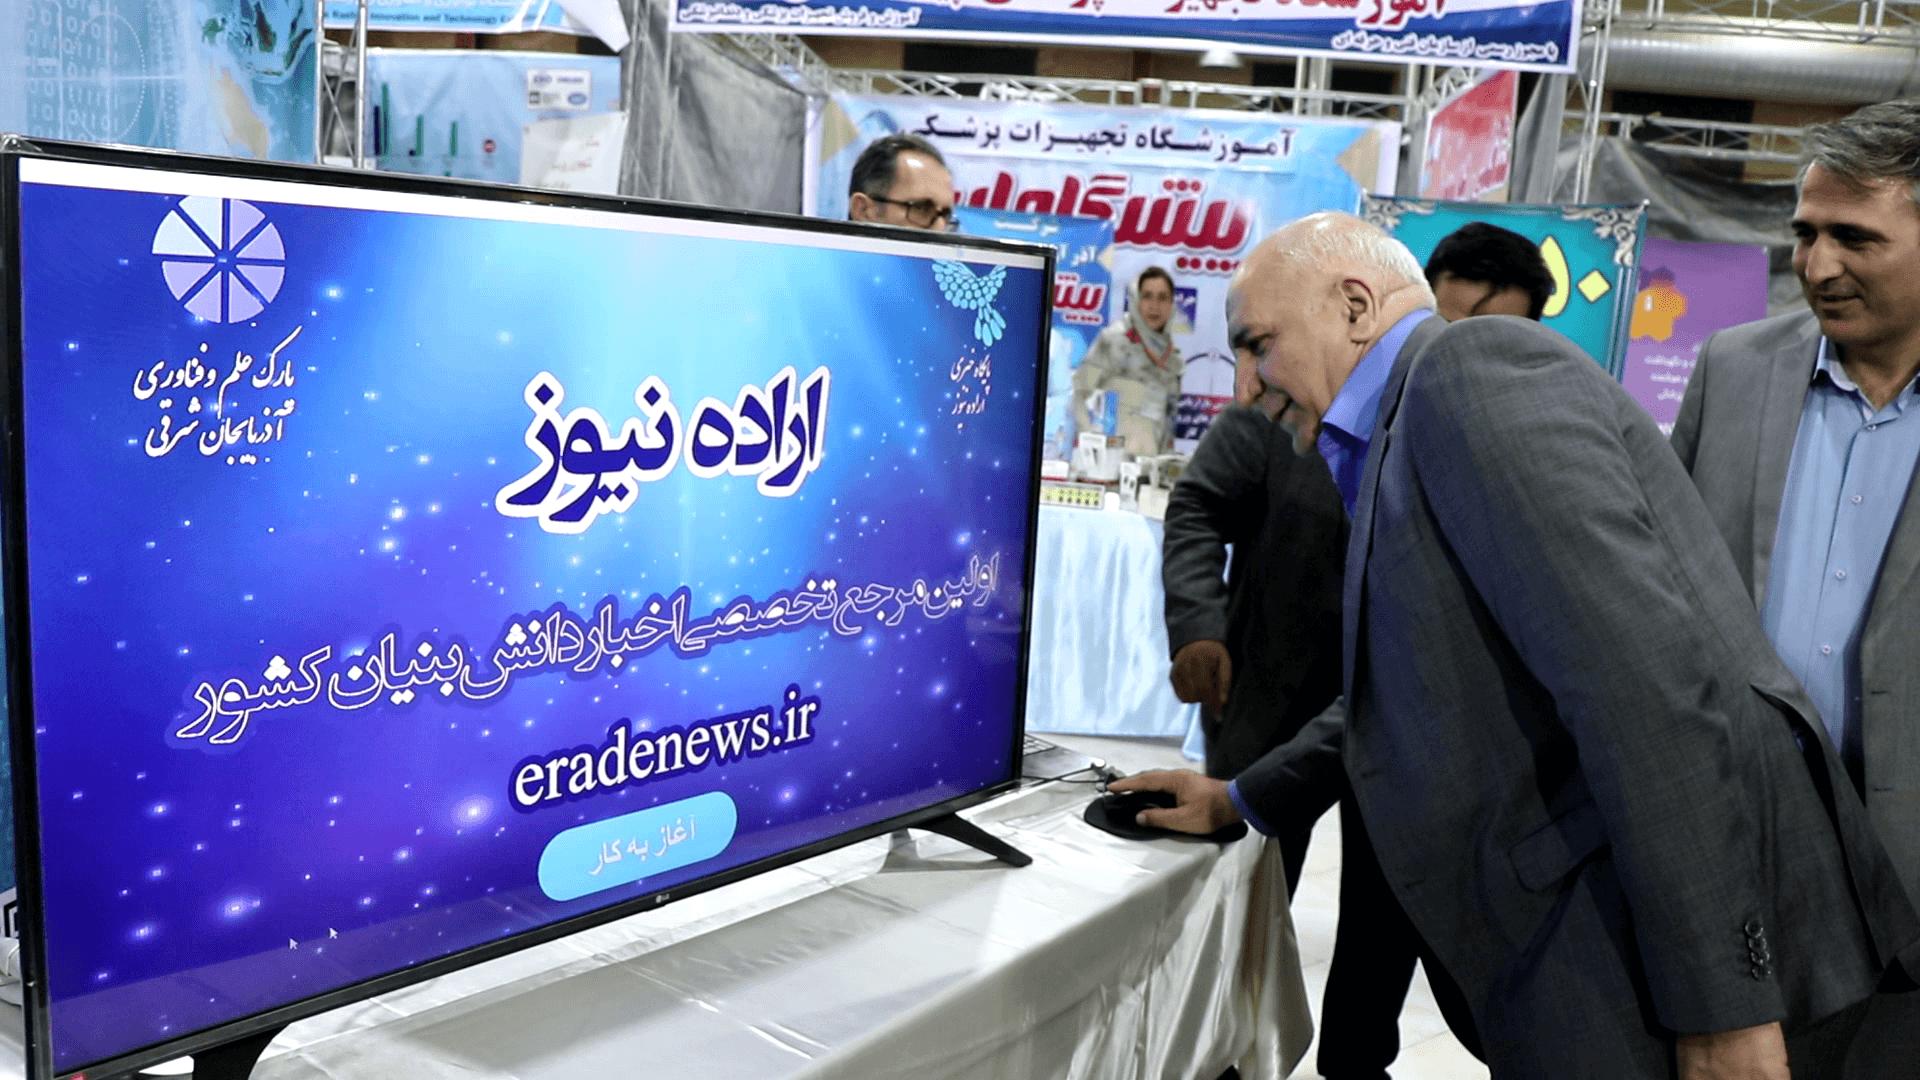 رونمایی نخستین خبرگزاری دانش بنیان کشور در تبریز